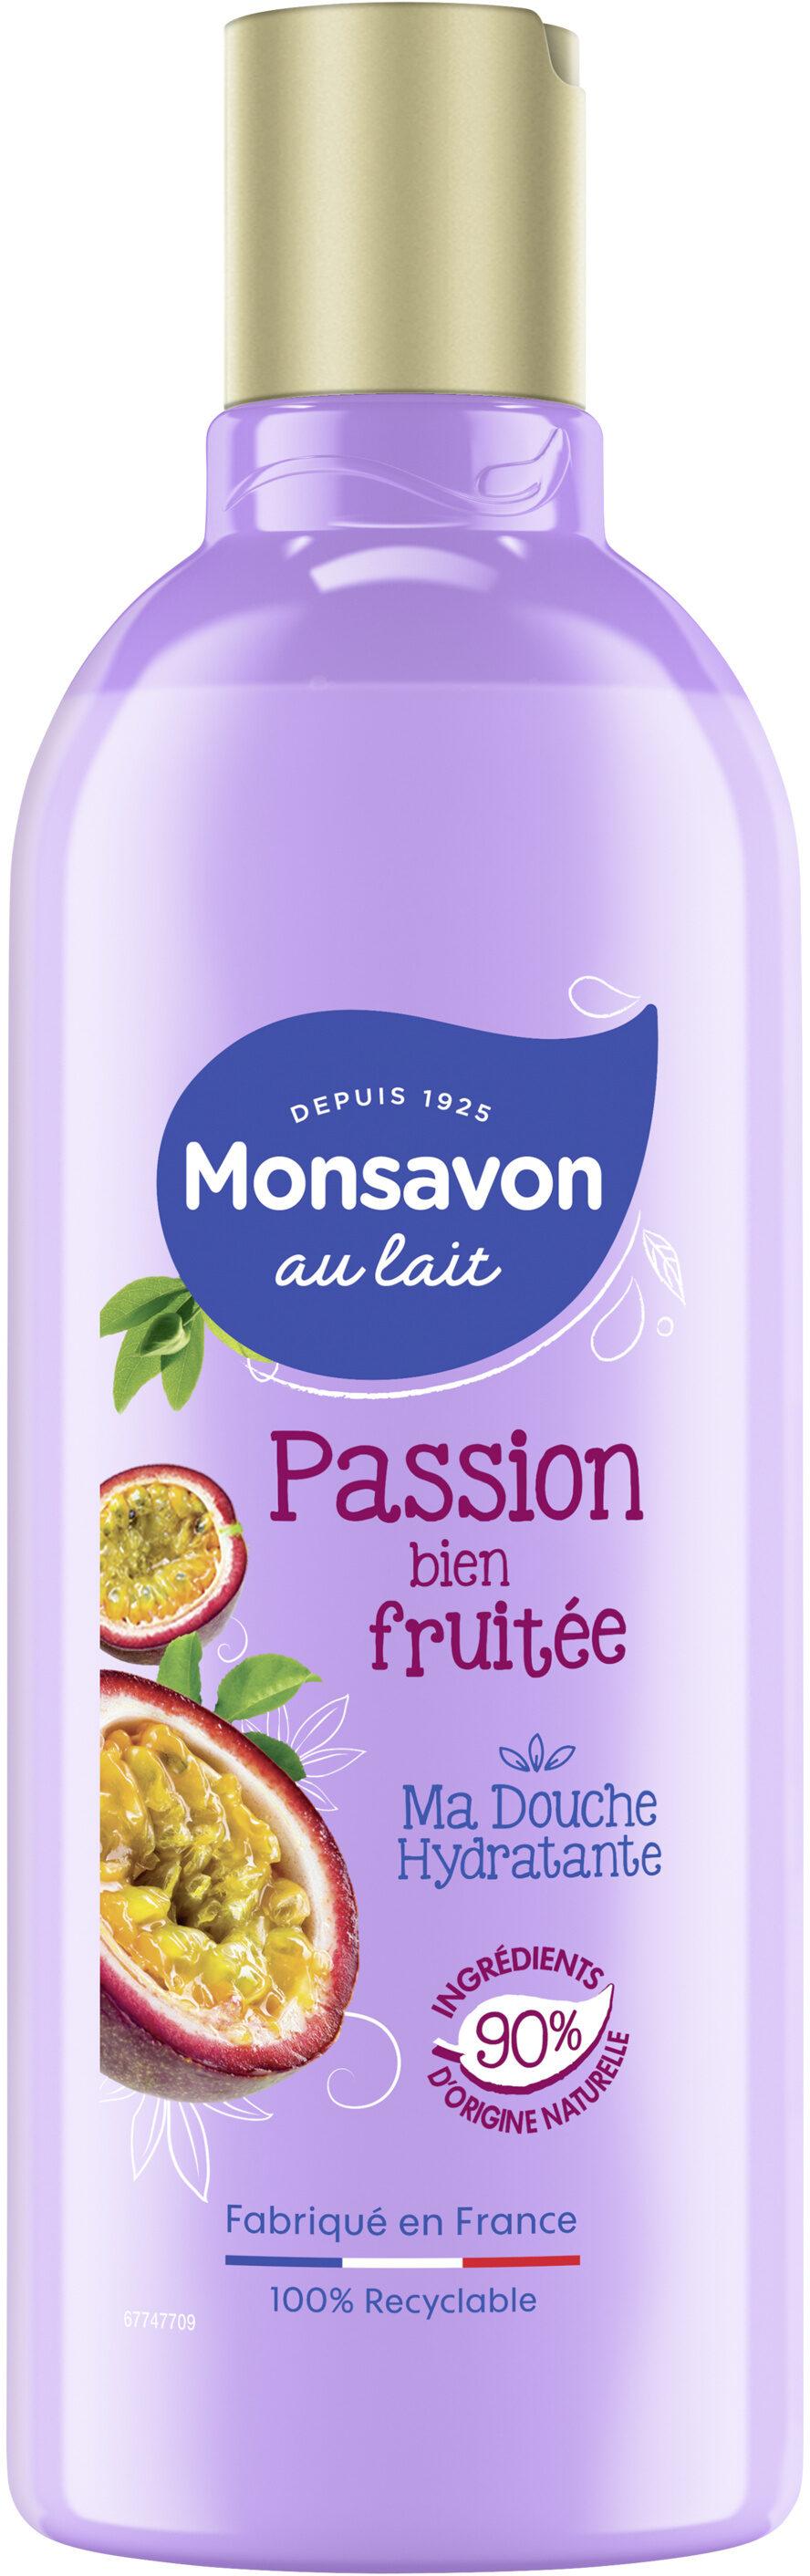 Monsavon Gel Douche Passion Bien Fruitée - Produit - fr